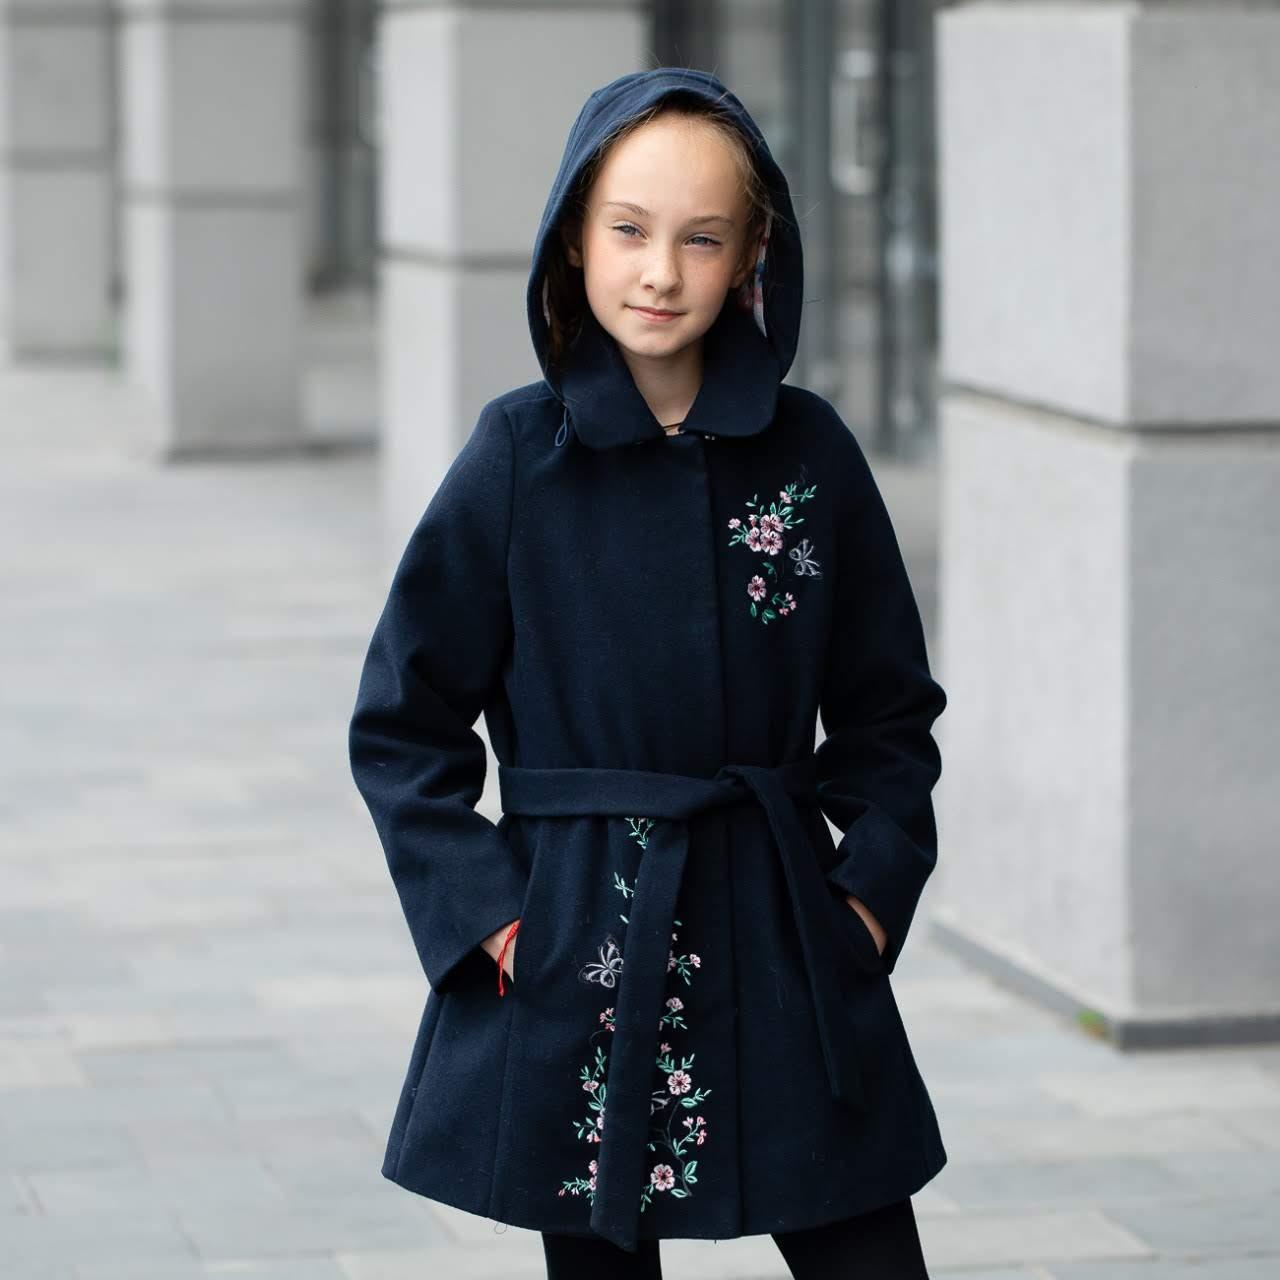 Демисезонное пальто для девочки «Сакура», цвет - синий, размер 122 - 146.